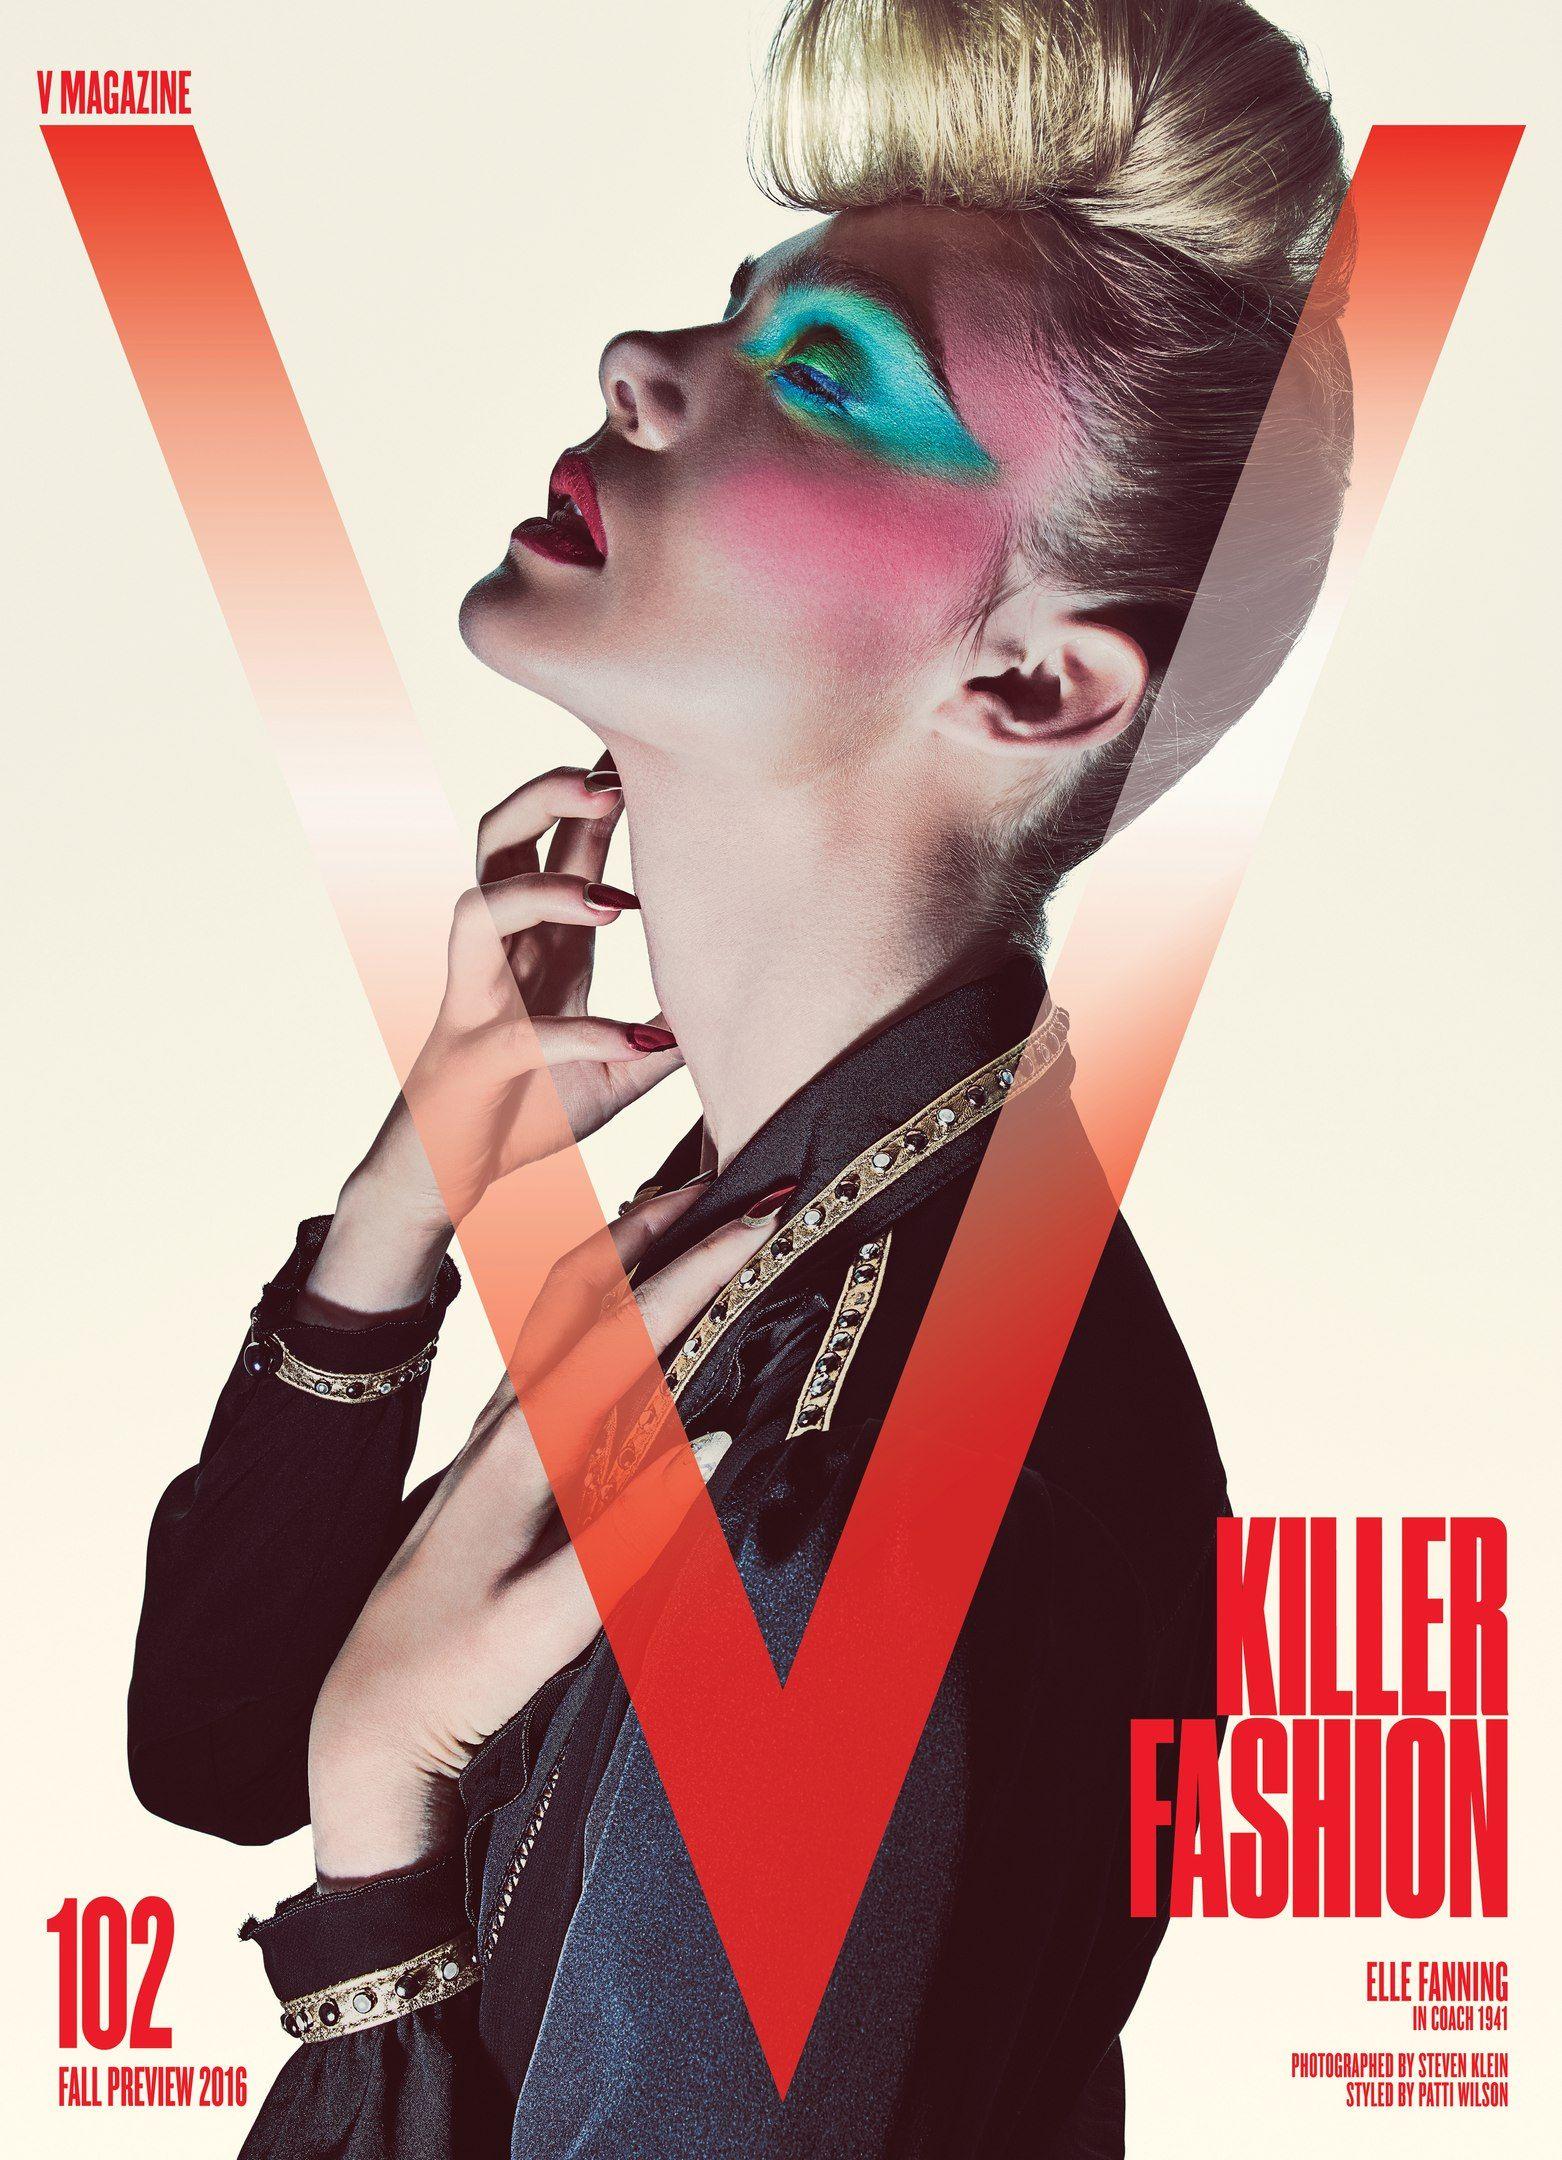 Elle Funning for V magazine cover